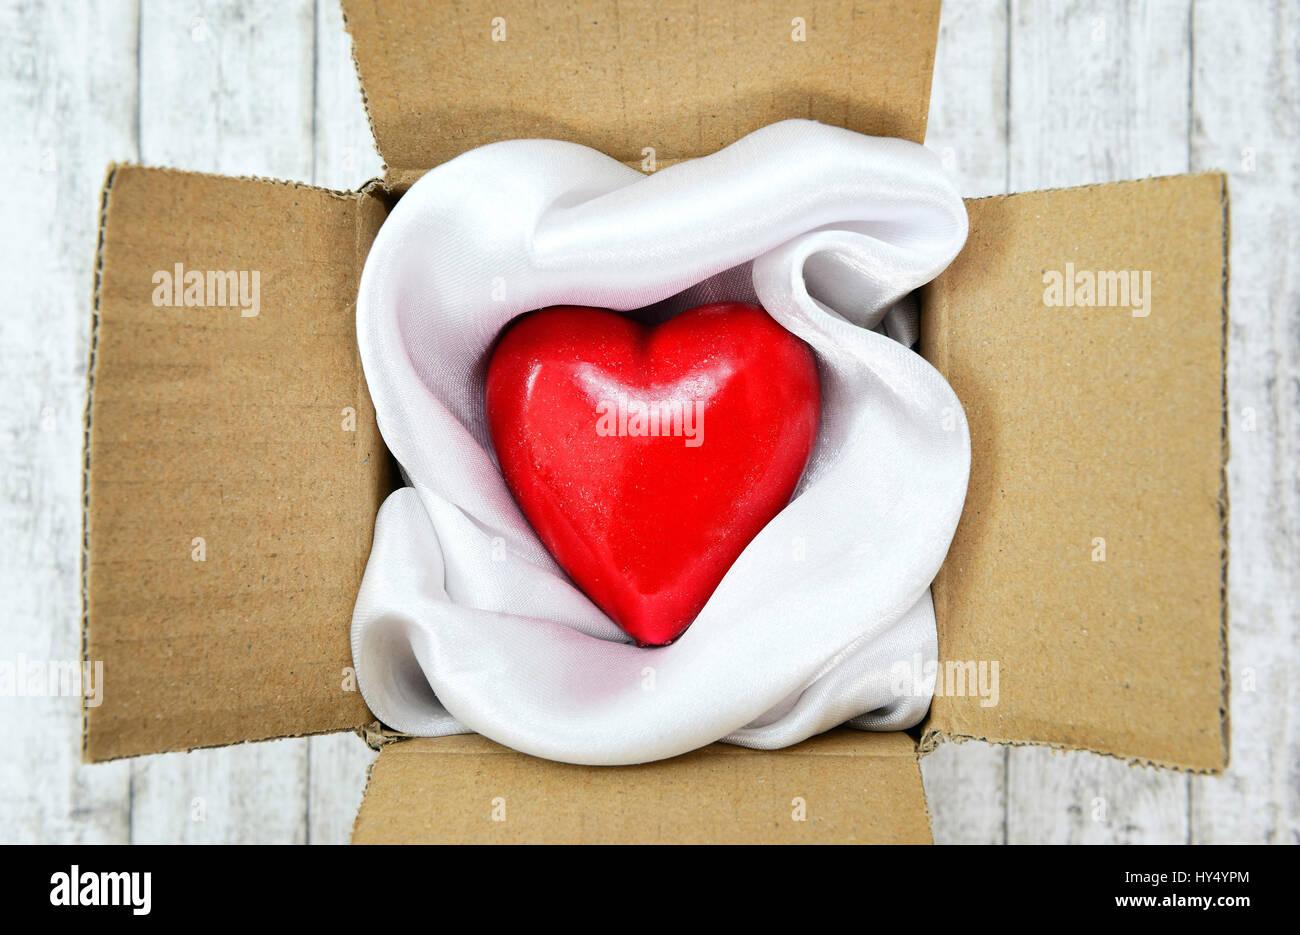 Heart in a package, Valentinstag, Herz in einem Paket Stock Photo